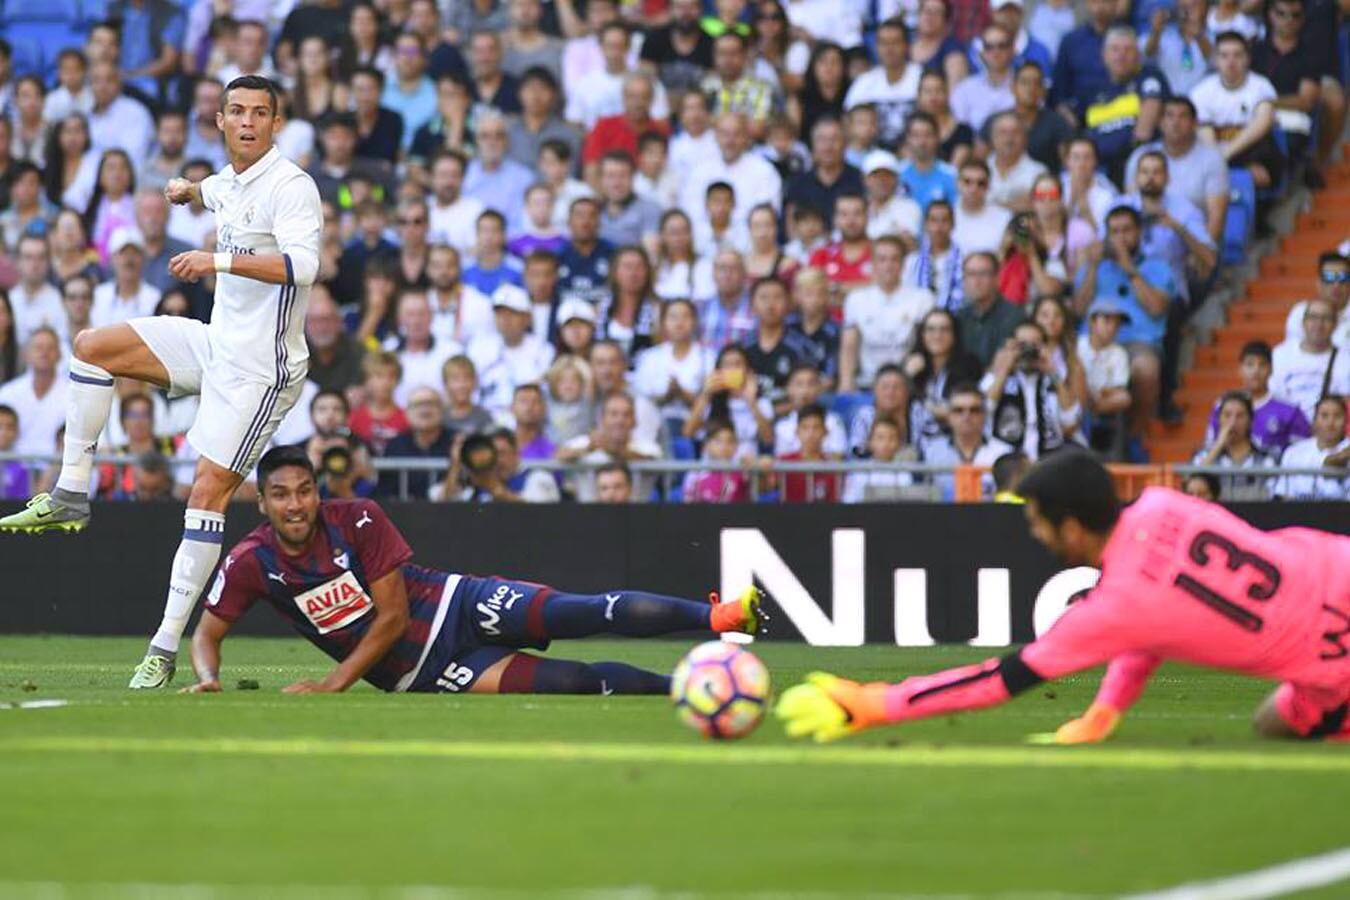 Se registró el cuarto empate seguido del Real Madrid, 1-1 con el visitante Eibar, que frenó sus aspiraciones de subir más en la clasificación.